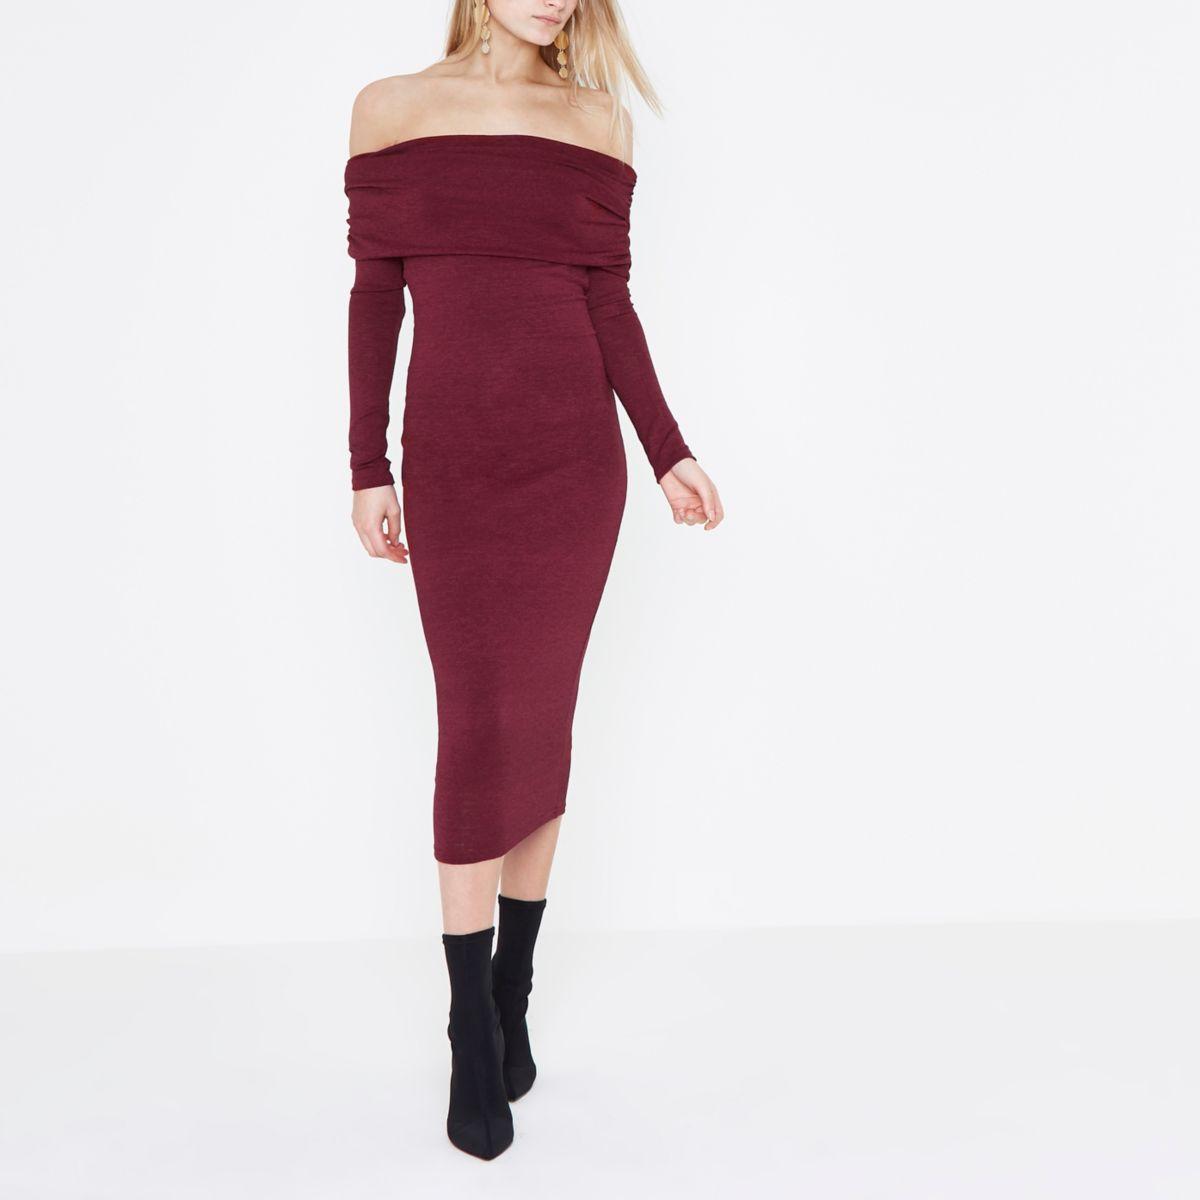 Dark red ruched folded bardot knit midi dress